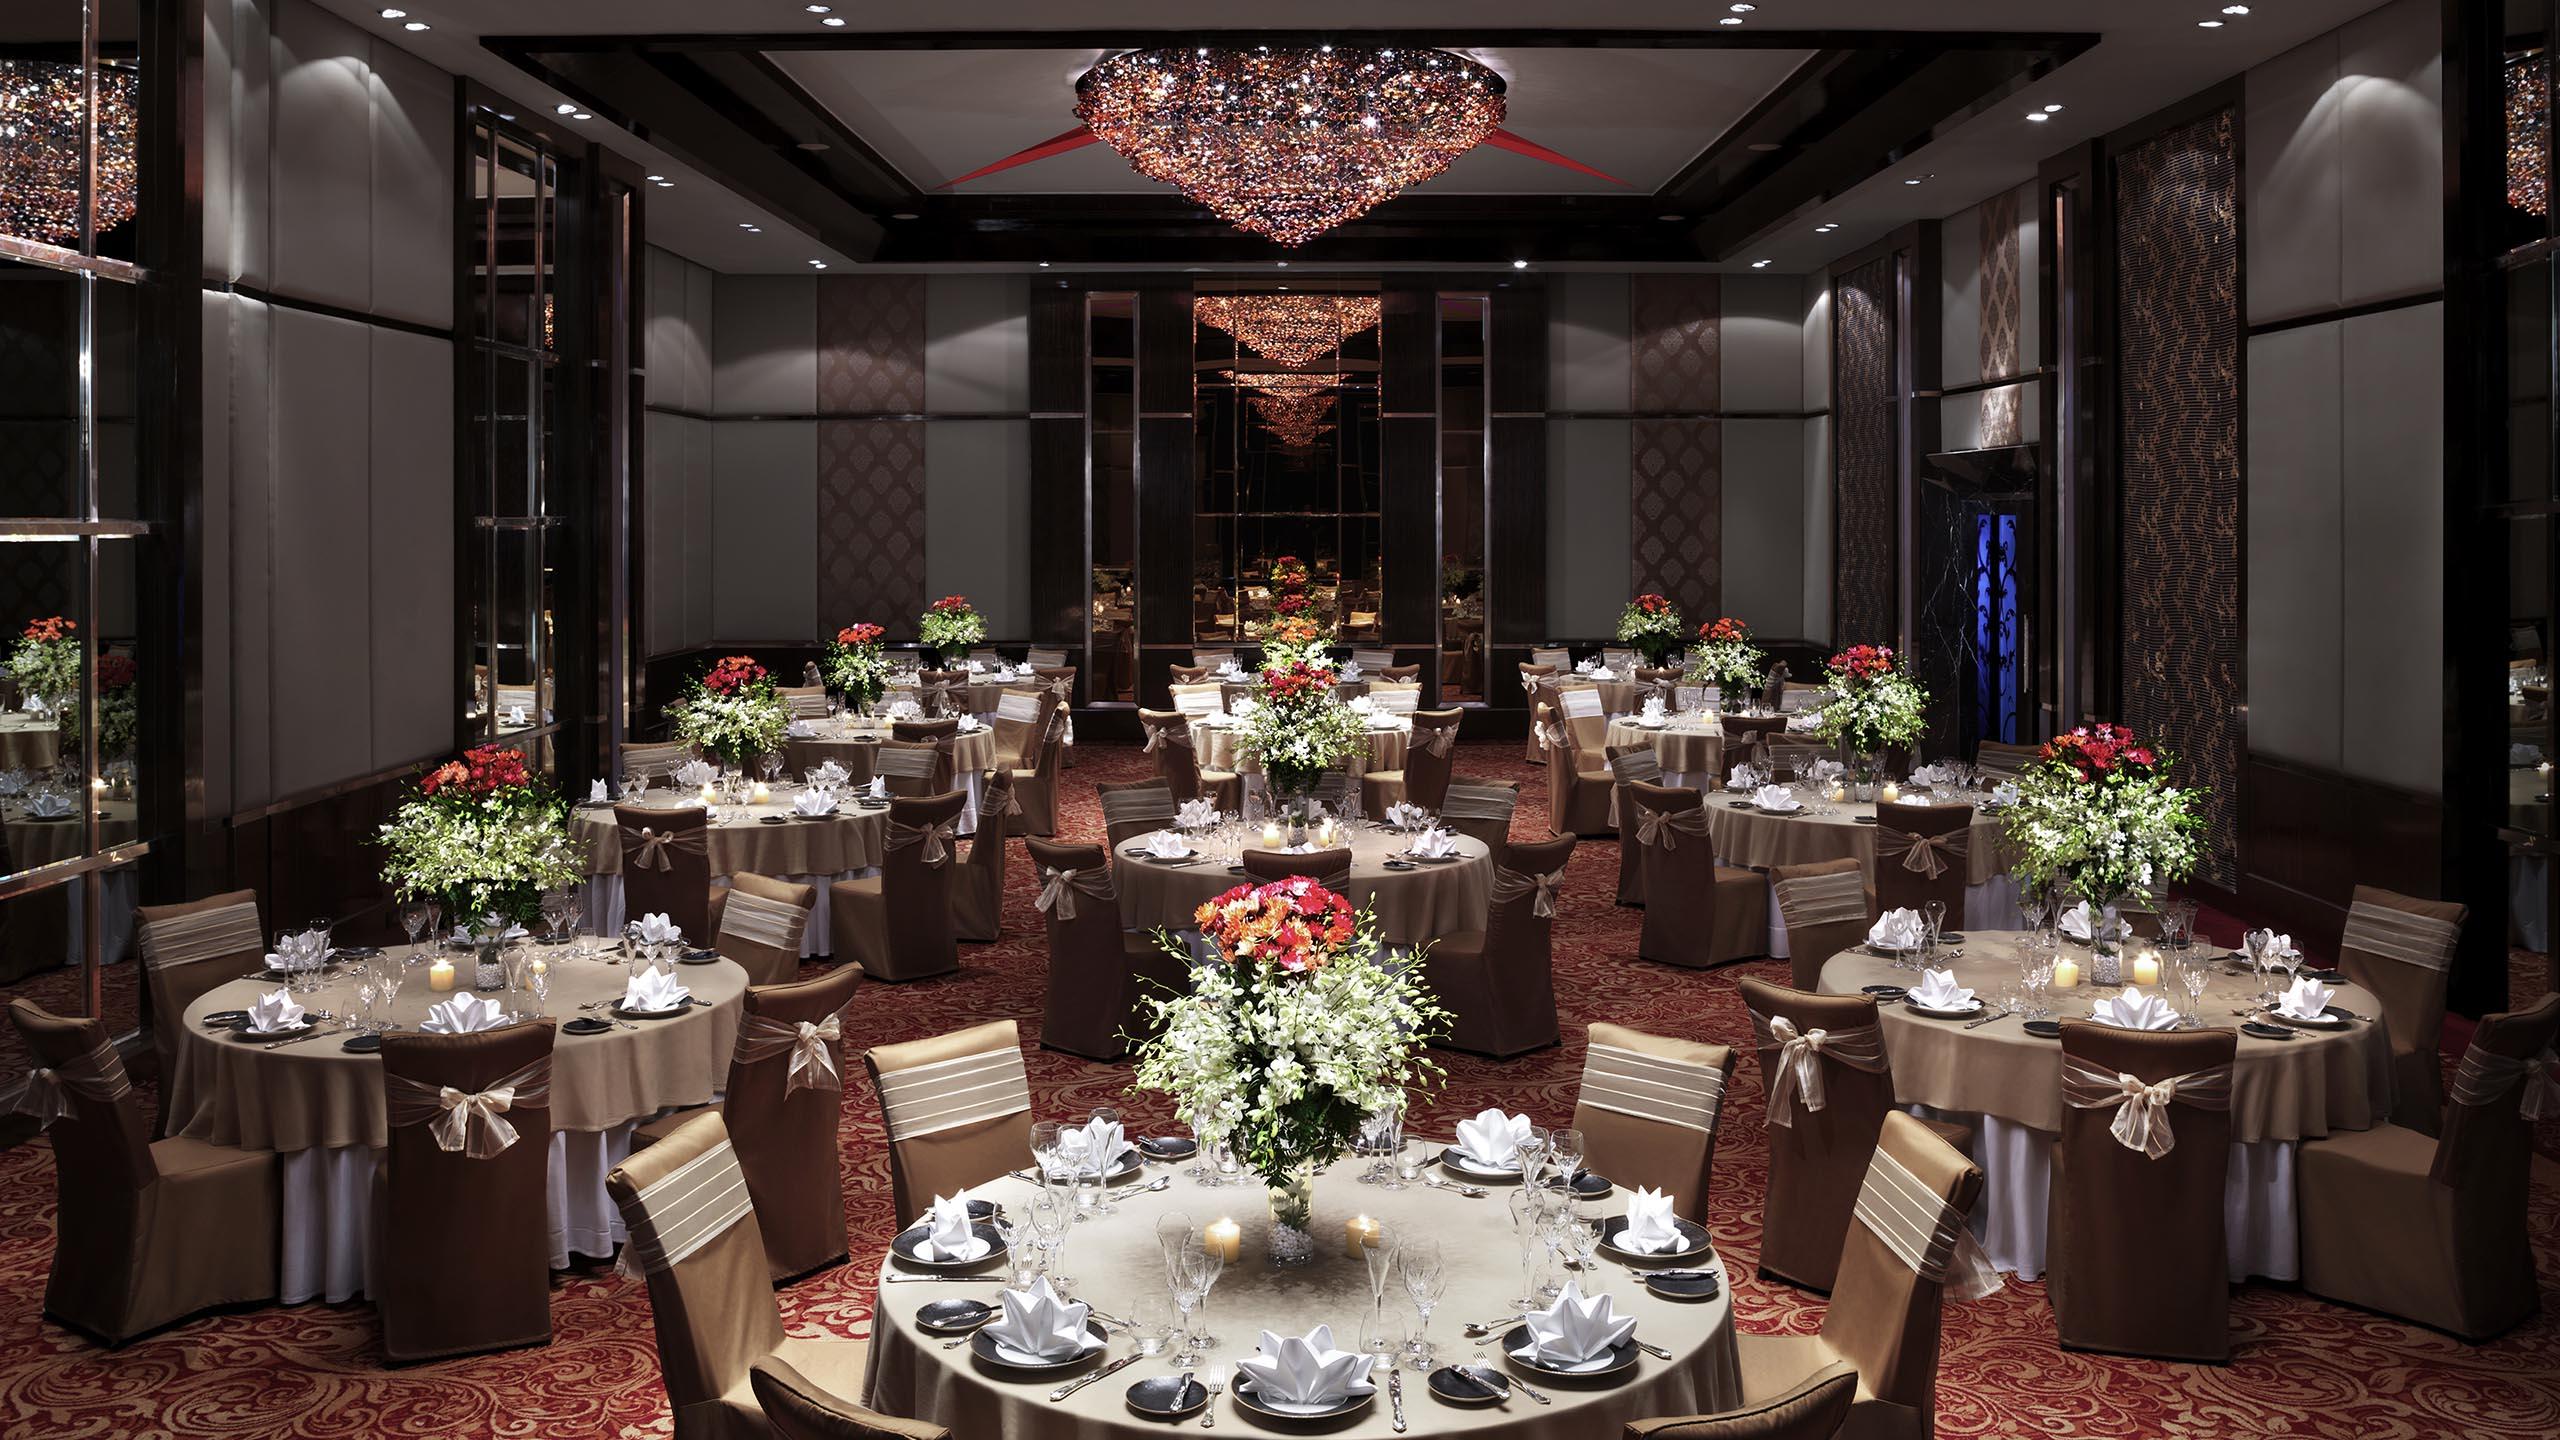 Luxury hotel MUMBAI – Sofitel Mumbai BKC